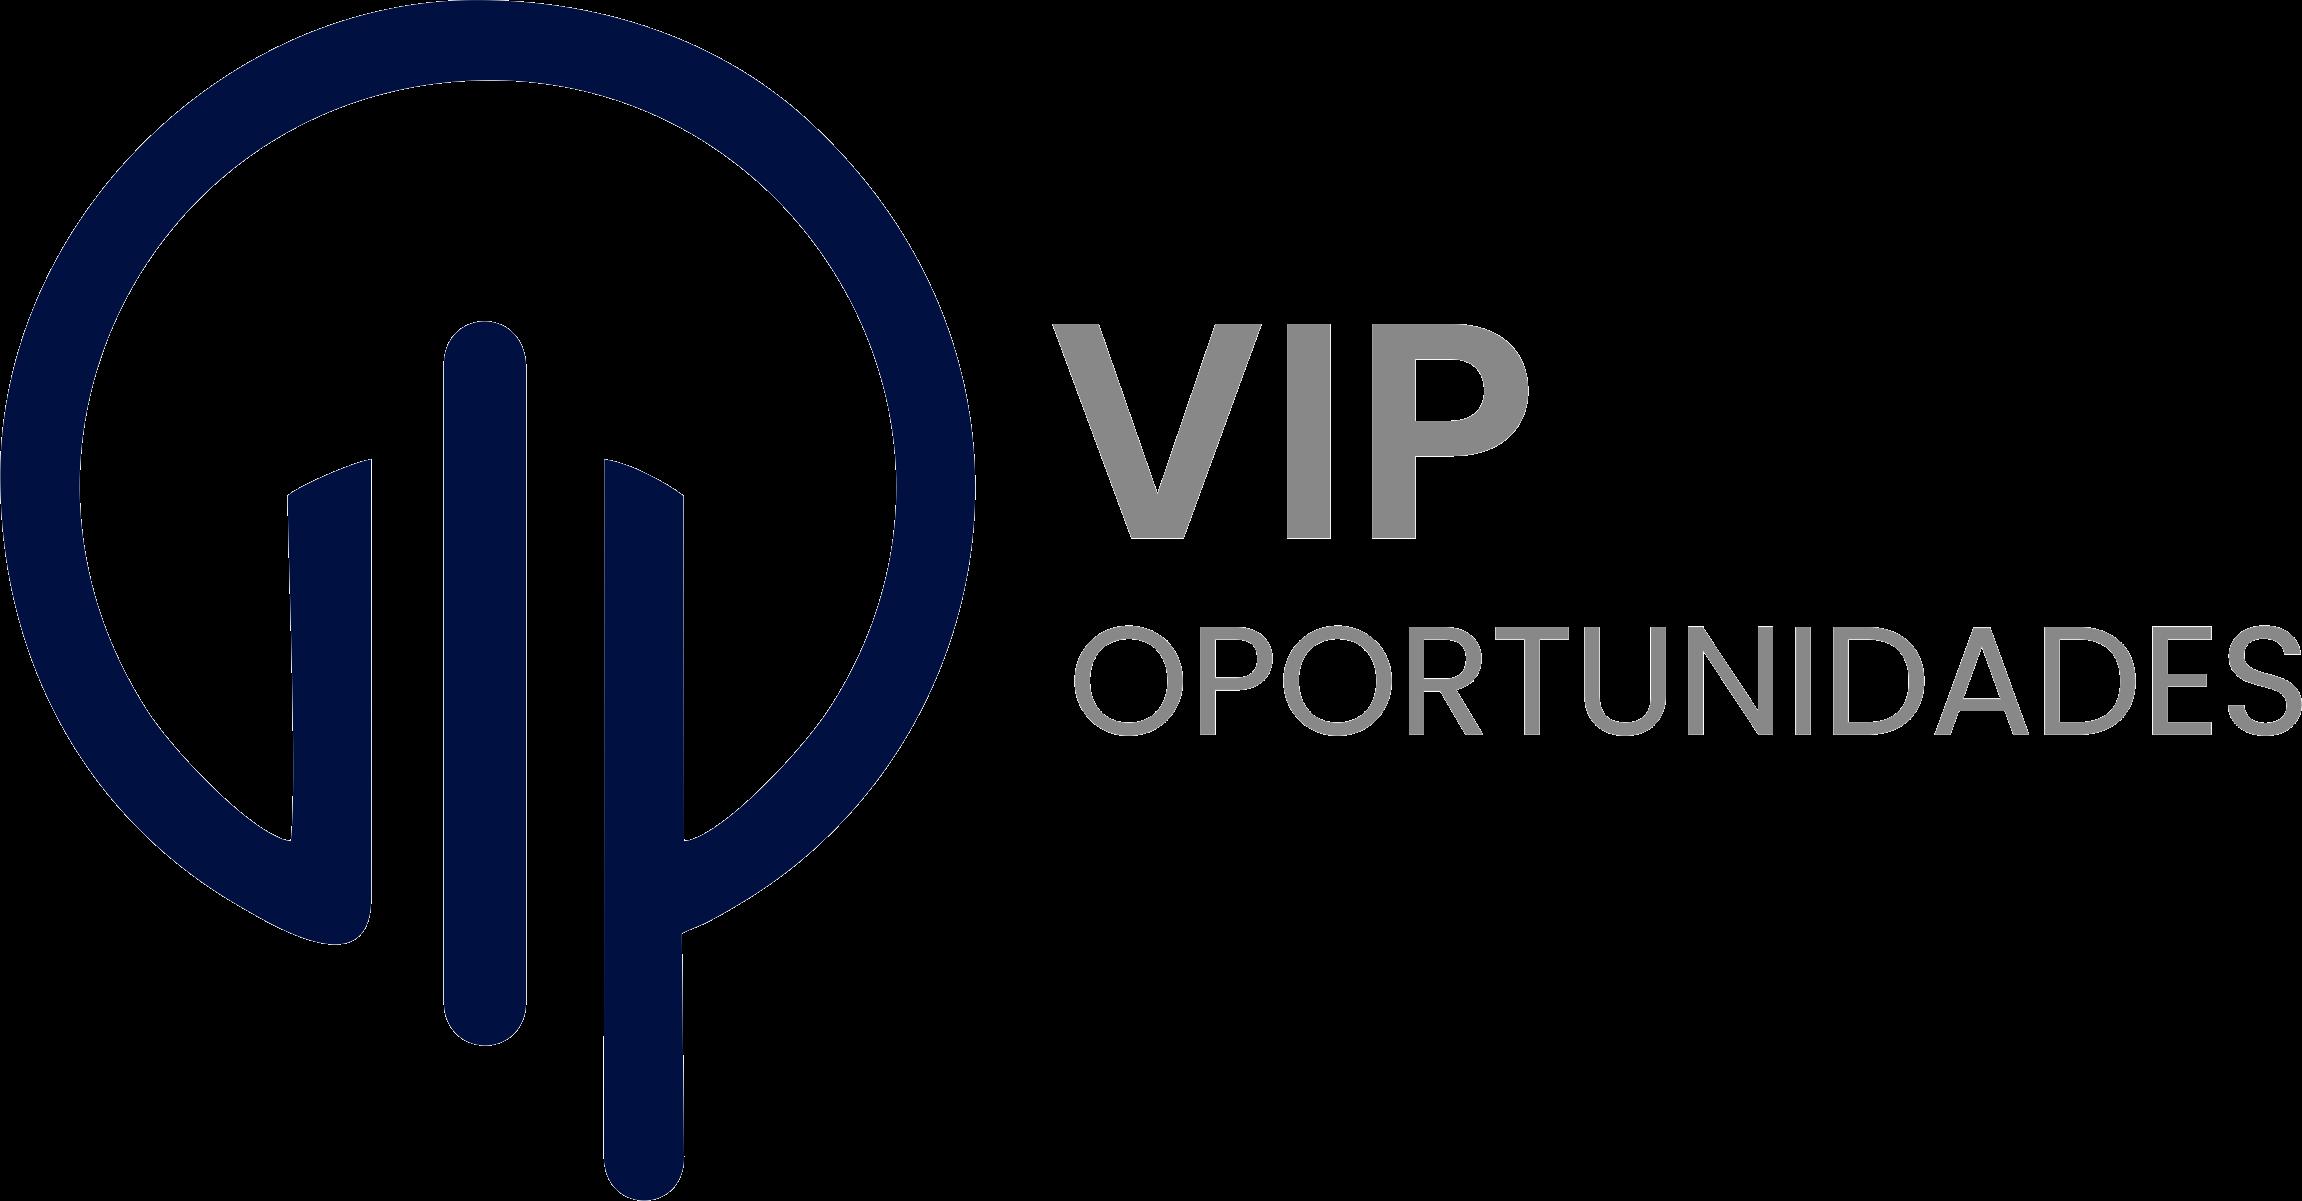 VIP Oportunidades-As melhores oportunidades do mercado imobiliário